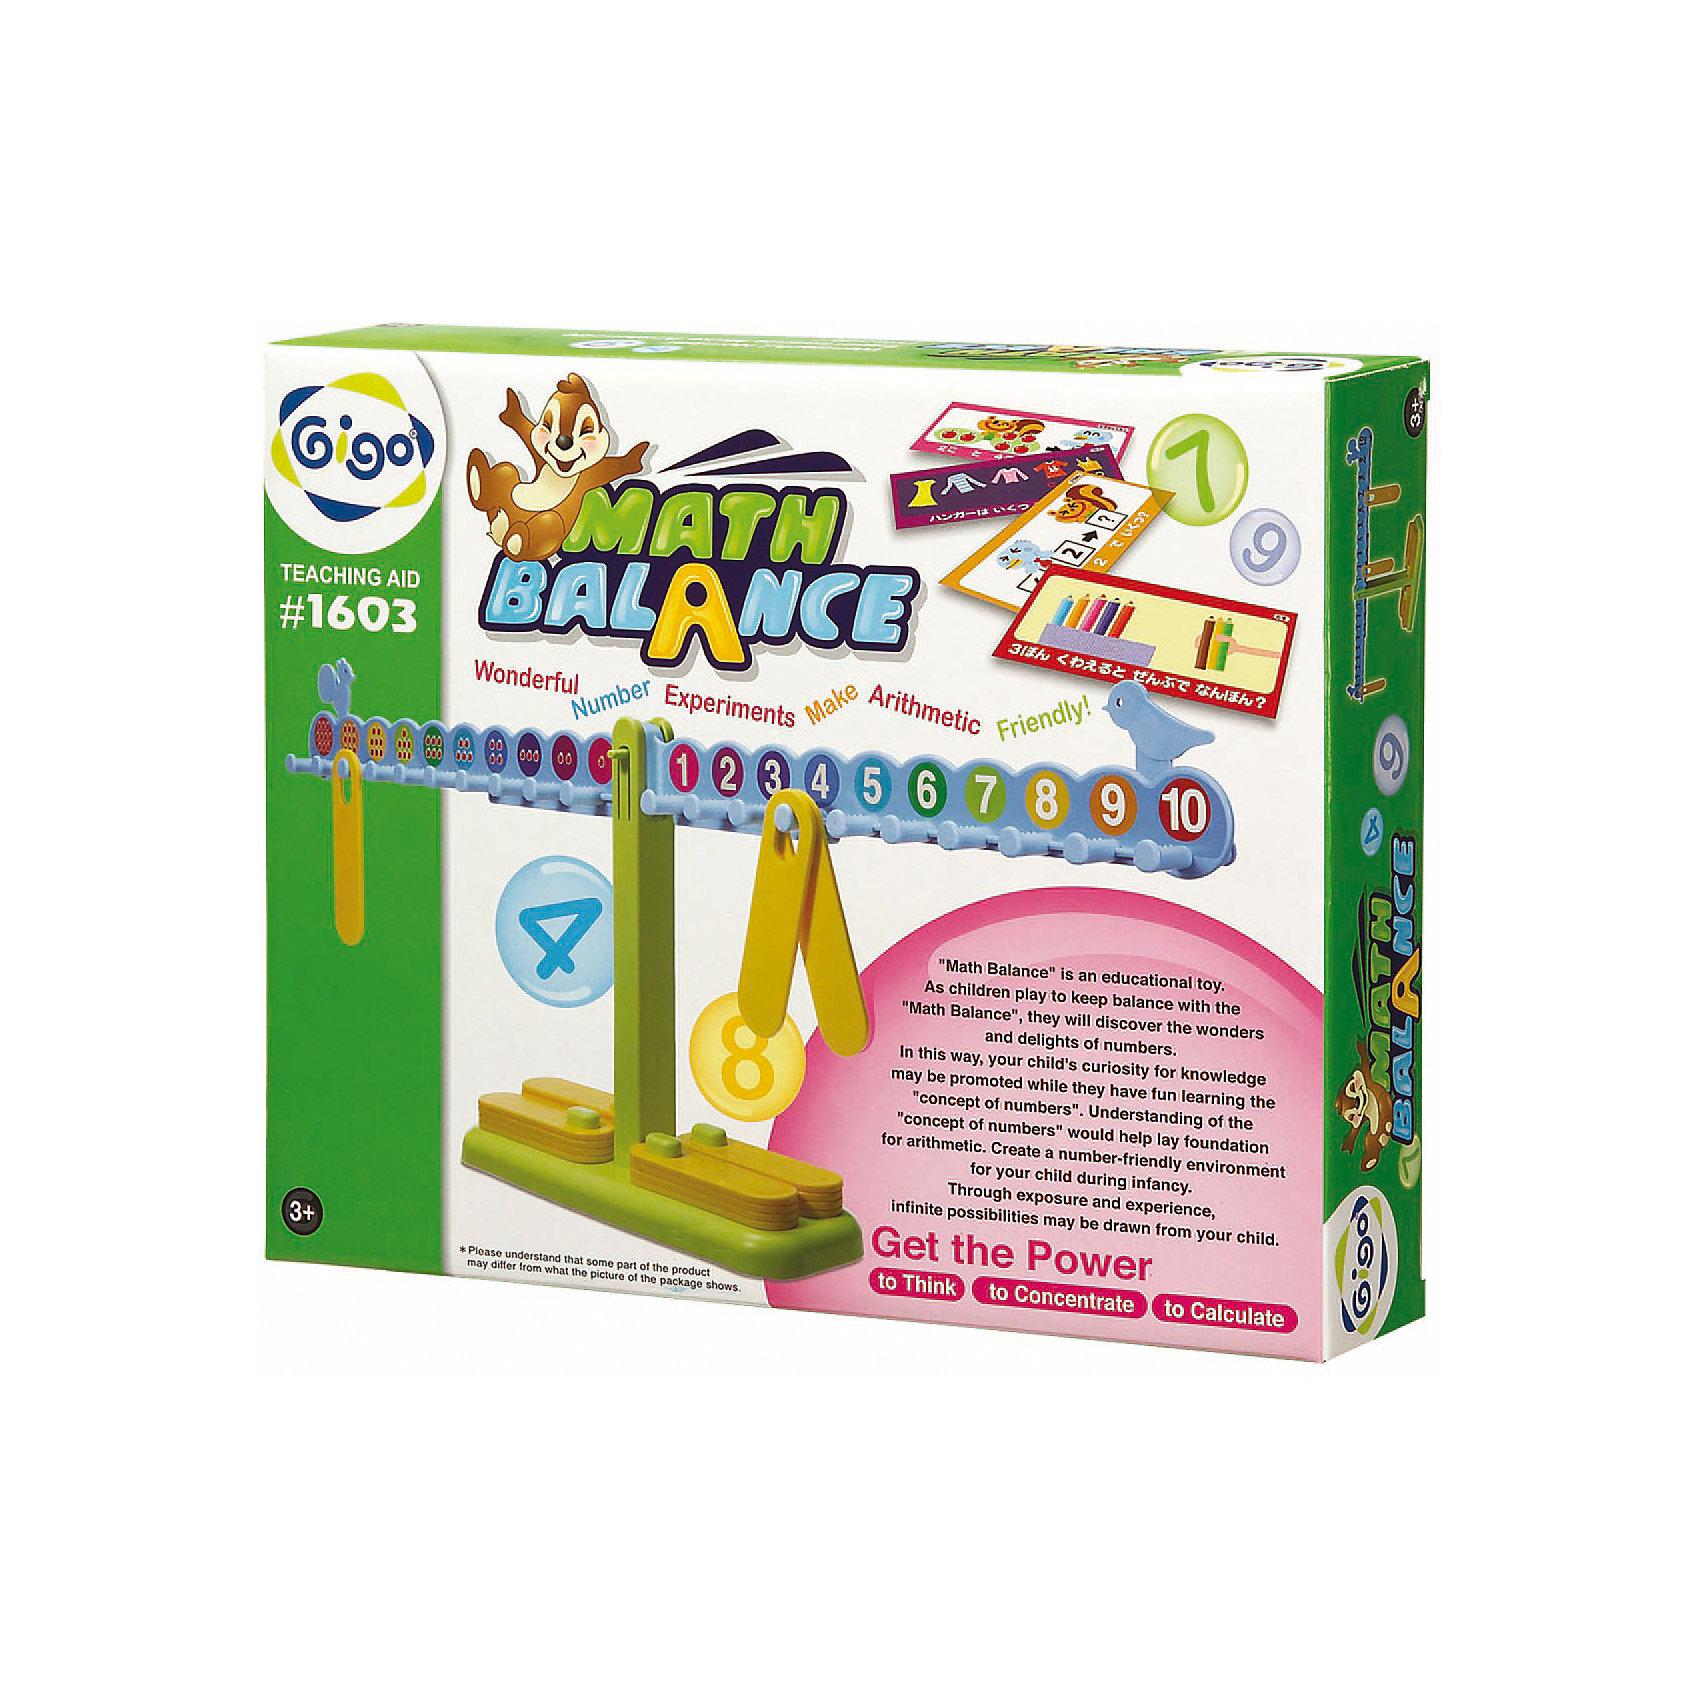 Занимательные весы MATH BALANCE, GigoОбучающие игры<br>Конструктор Gigo Math balance (Гиго. Занимательные весы) дает возможность в игровой форме освоить счет, сложение, вычитание, умножение и деление. В набор входит методическое пособие, которое поможет организовать обучение ребенка.<br><br>Ширина мм: 270<br>Глубина мм: 60<br>Высота мм: 340<br>Вес г: 1074<br>Возраст от месяцев: 36<br>Возраст до месяцев: 180<br>Пол: Унисекс<br>Возраст: Детский<br>SKU: 5427693